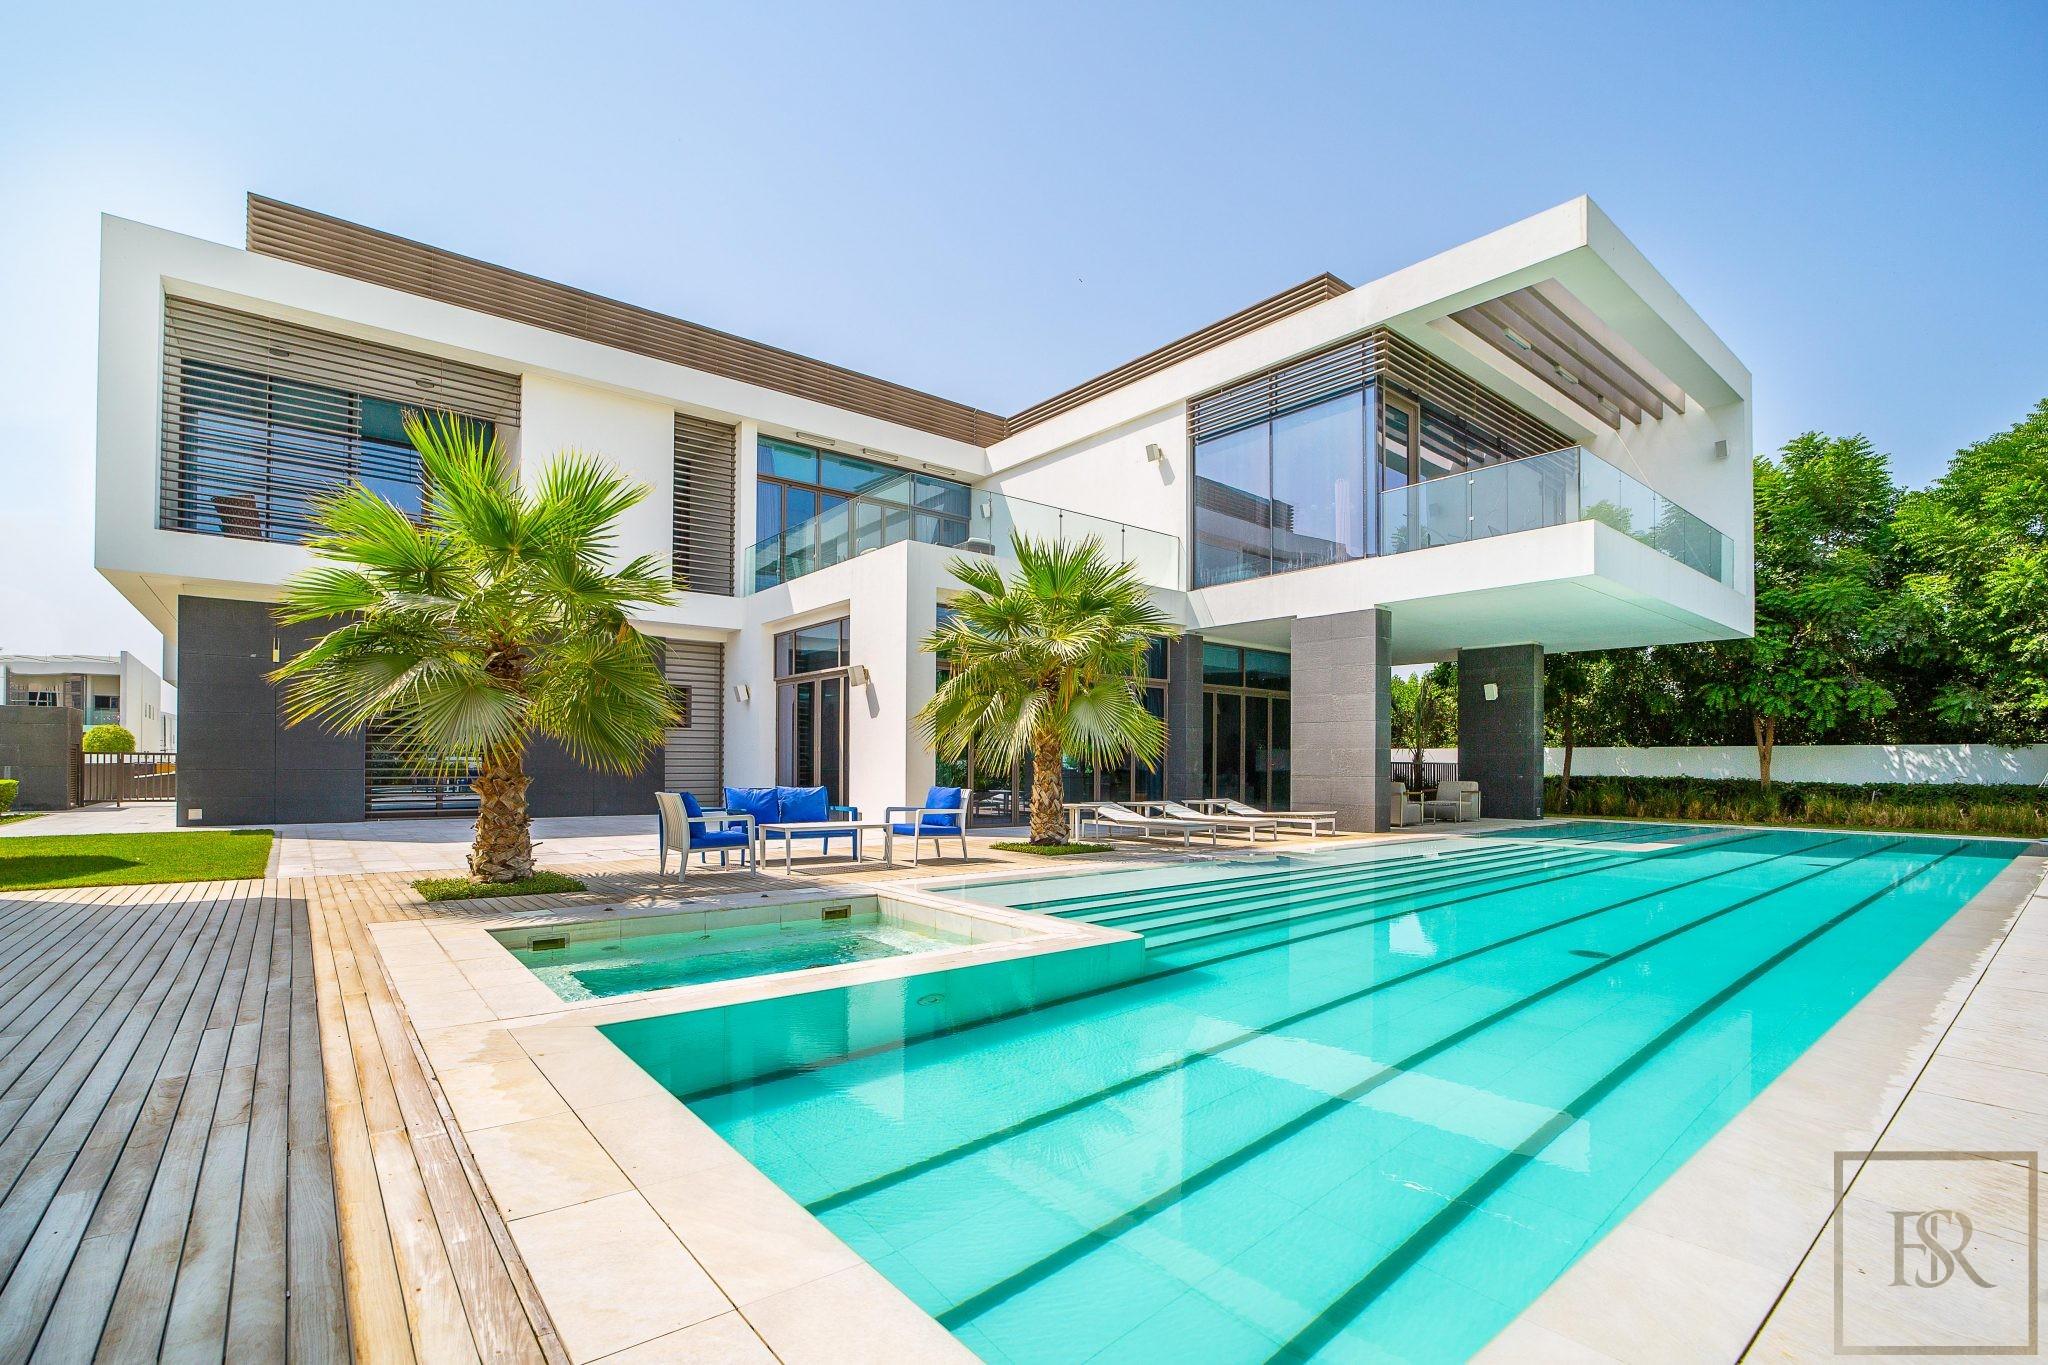 Villa Contemporary 8BR - Mansion District One, Dubai, UAE for sale For Super Rich